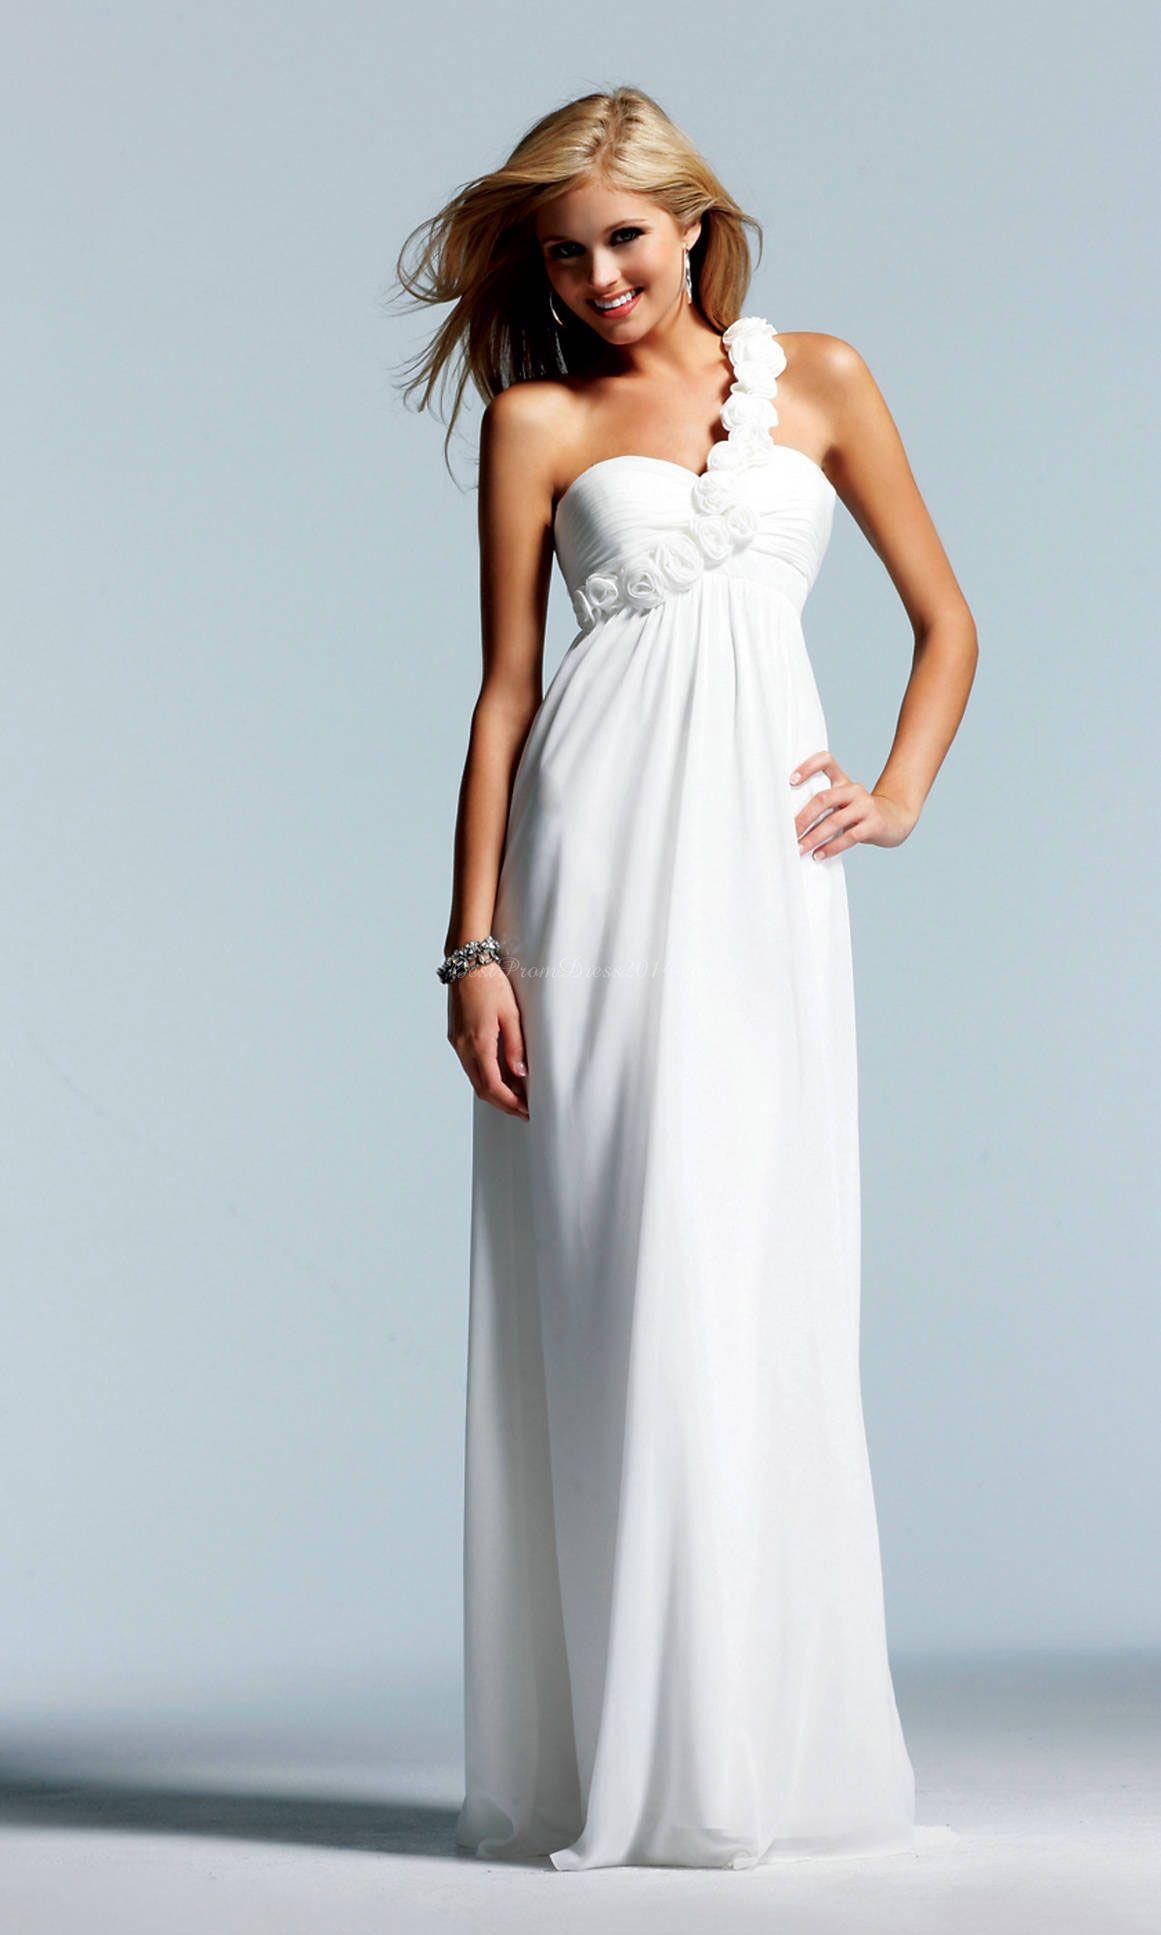 Luxury Veromia Bridesmaid Dresses Ideas - All Wedding Dresses ...